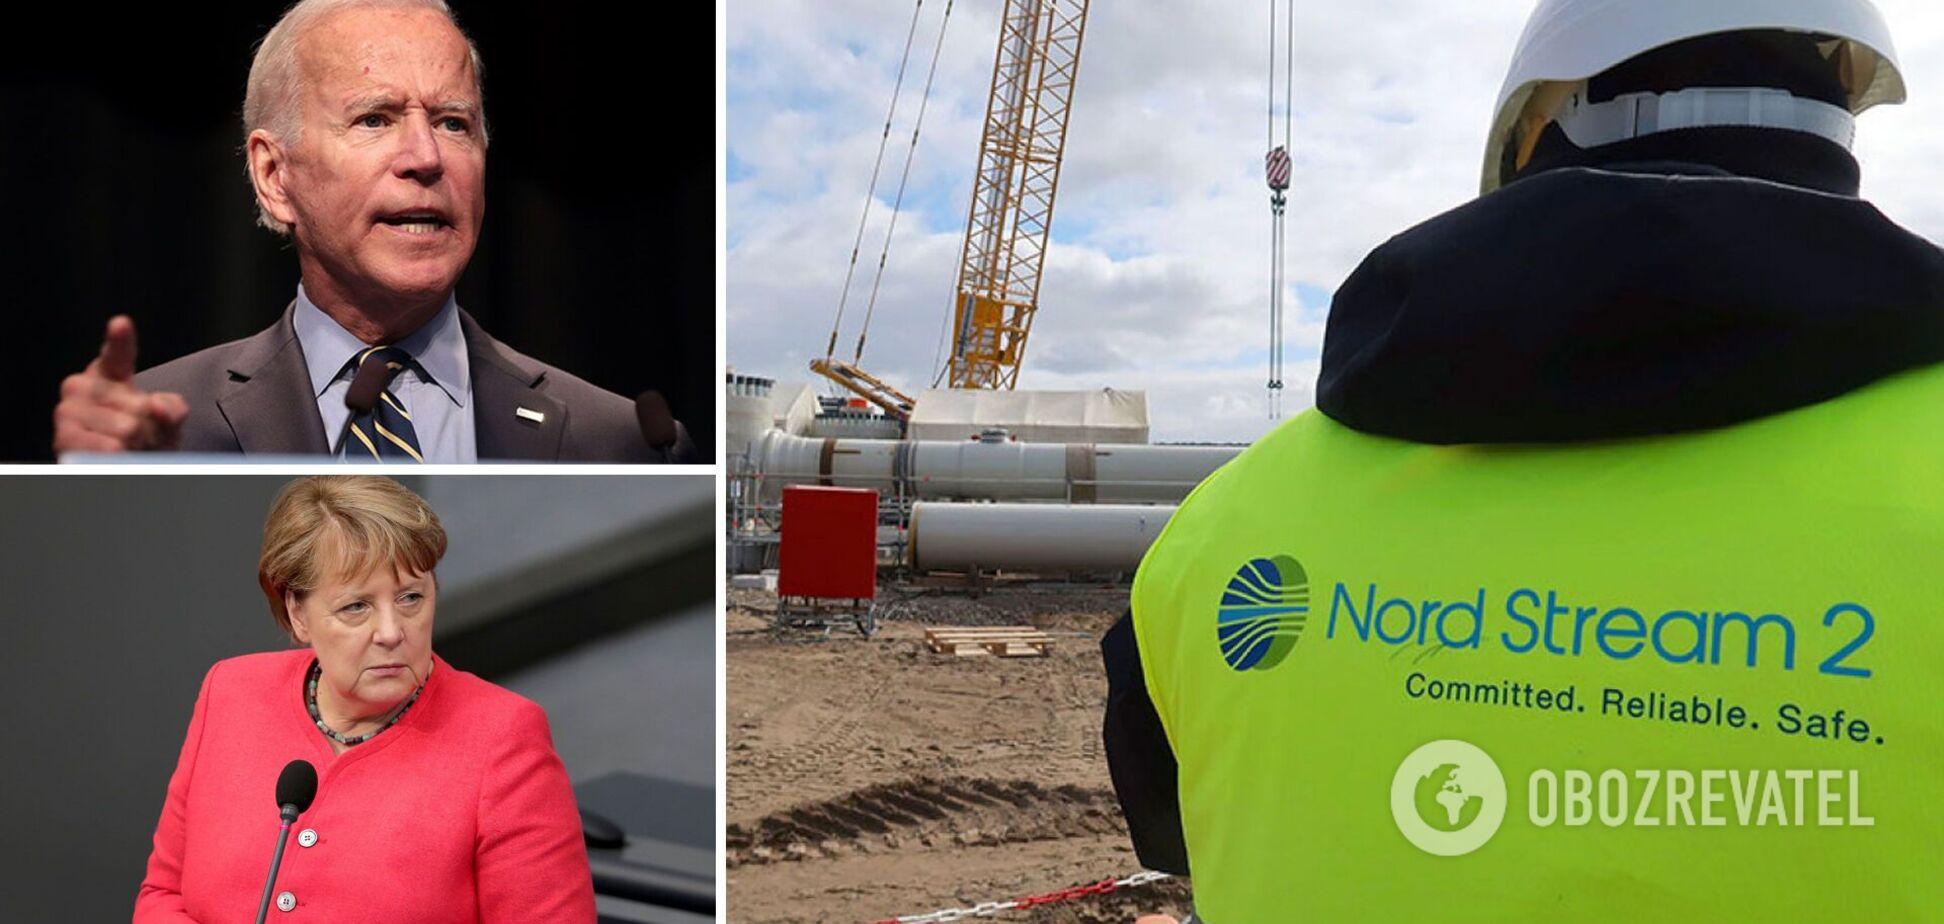 'Северный поток-2' достроят? Эксперт рассказал о 'дырах', которые Байден будет 'латать' в ЕС